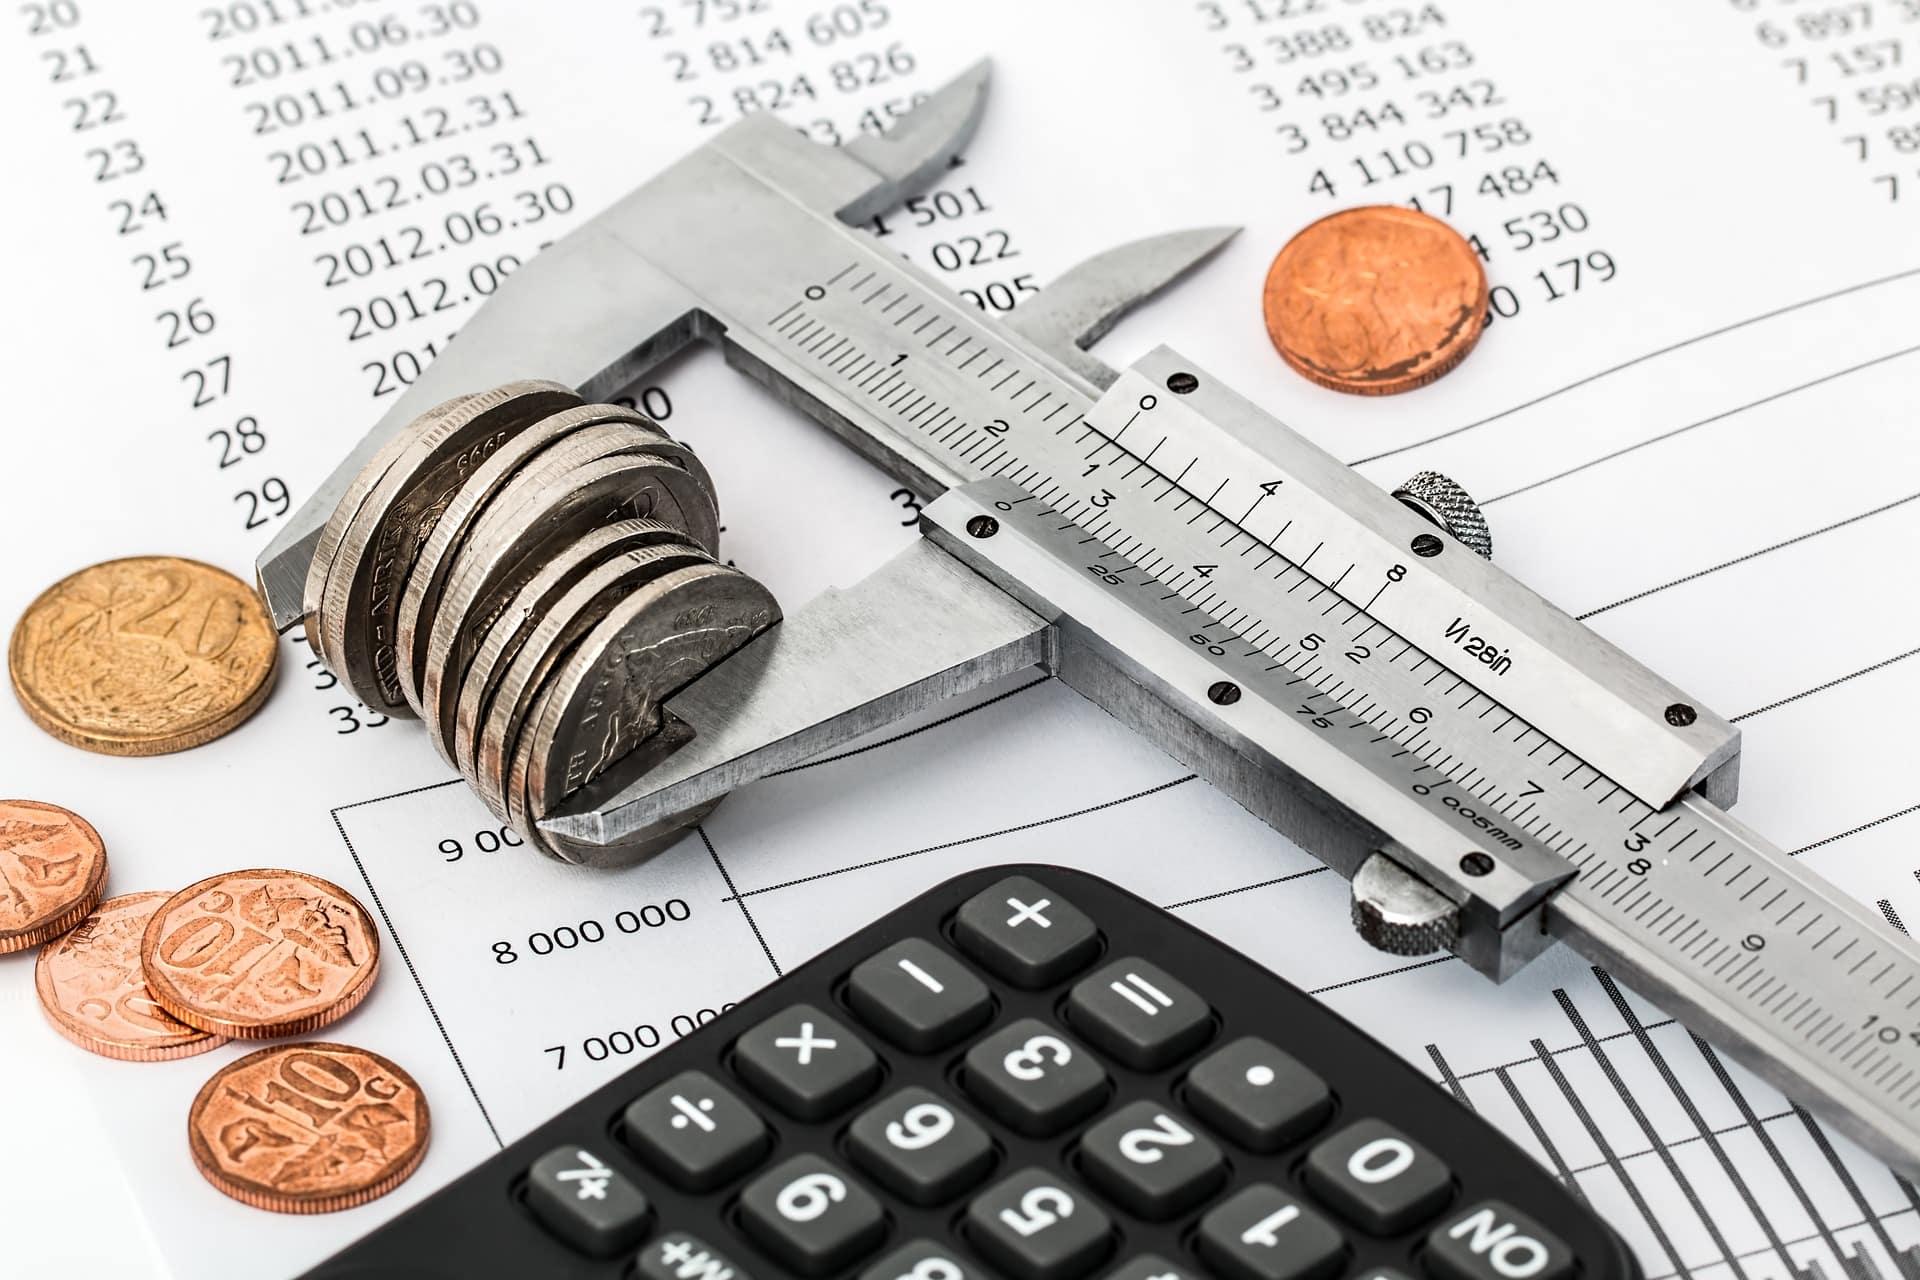 comptabilité et budget avec calculette